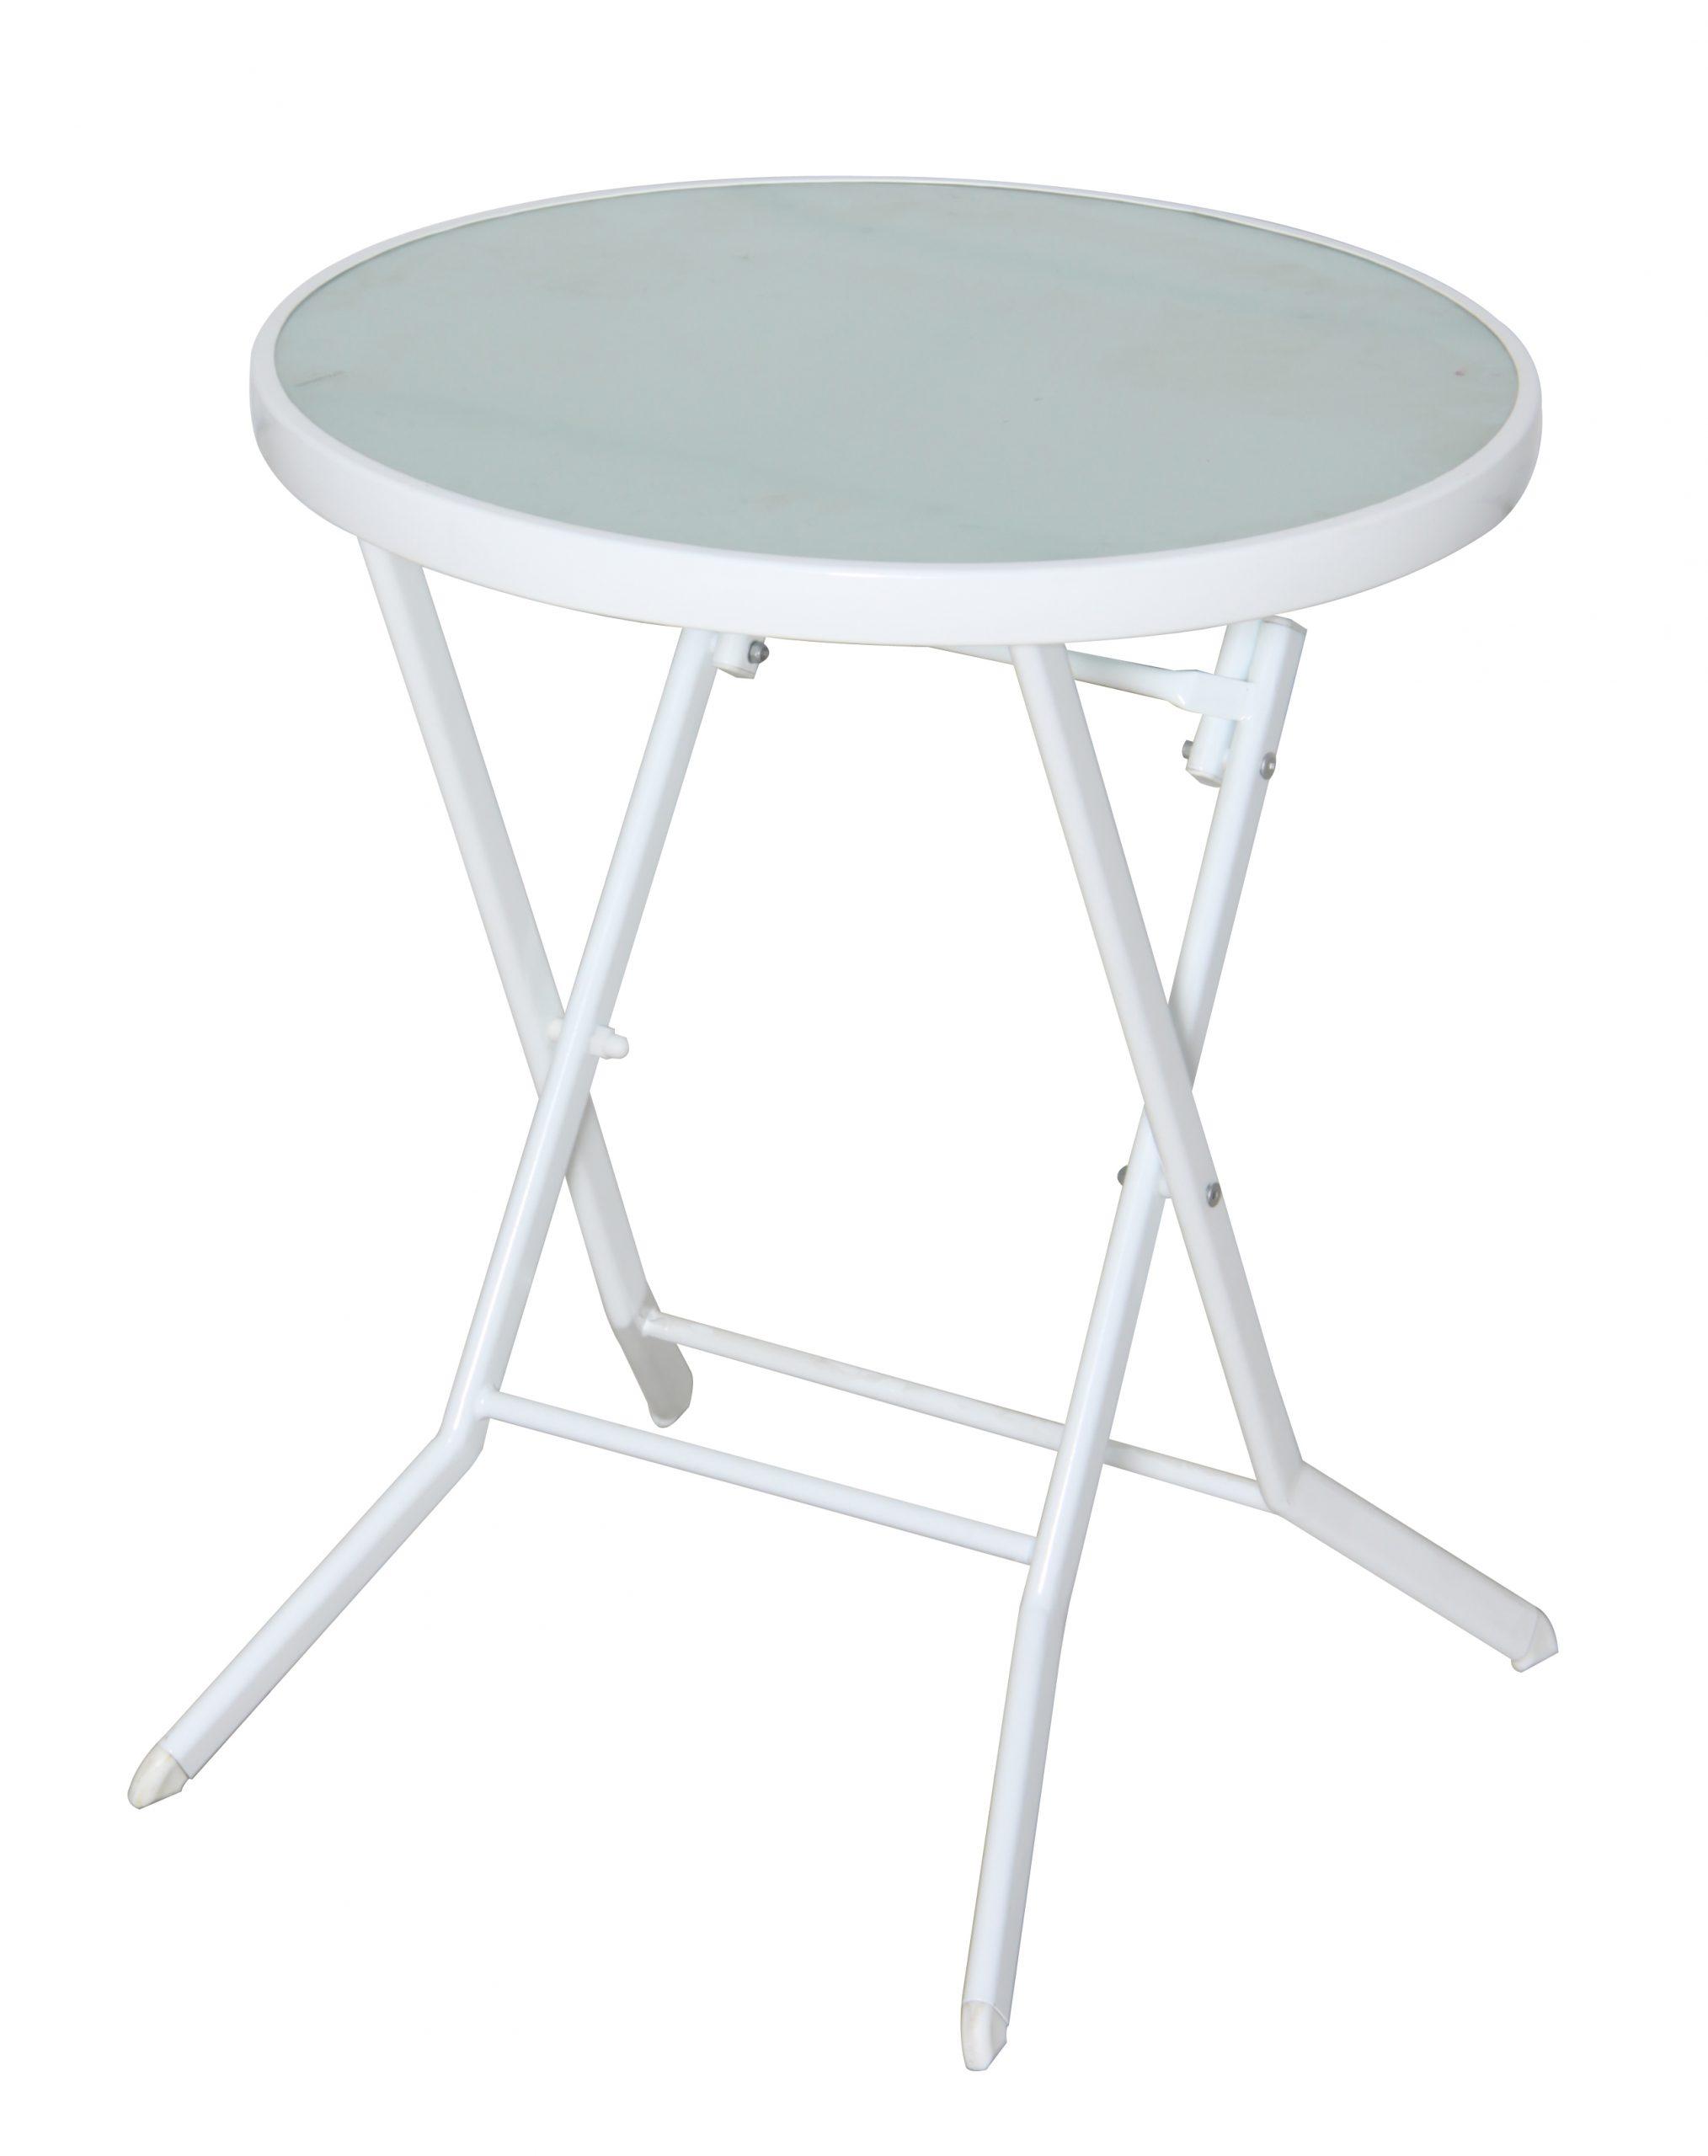 Tavolini Da Caffe Carrefour